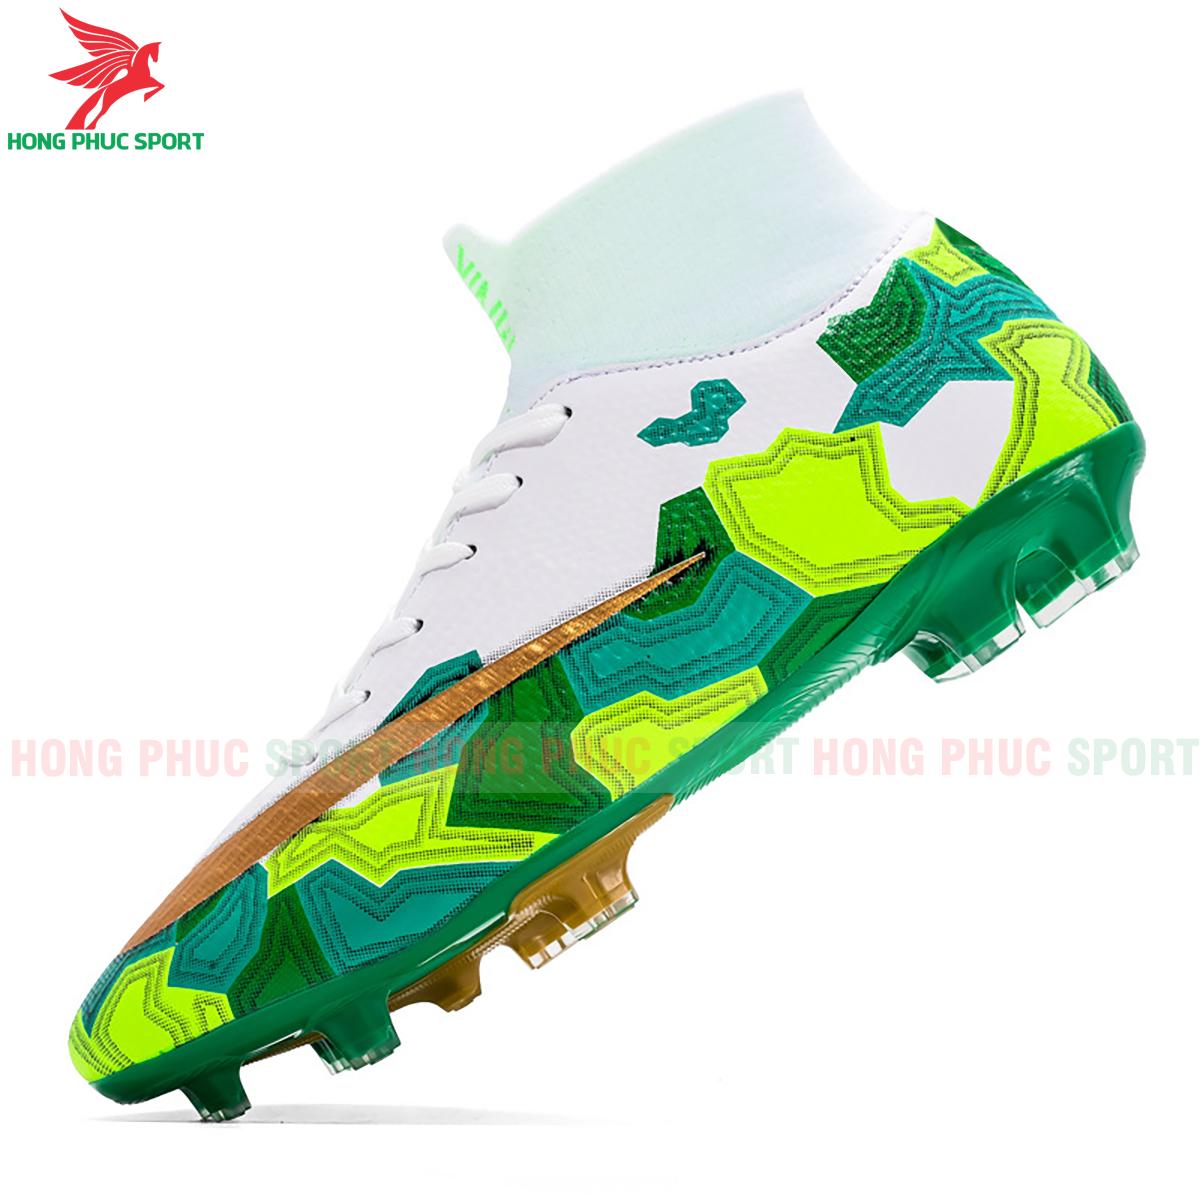 Giày đá banh Superfly VII Mbappe V2 2020 FG mẫu 2 màu xanh lá (2)